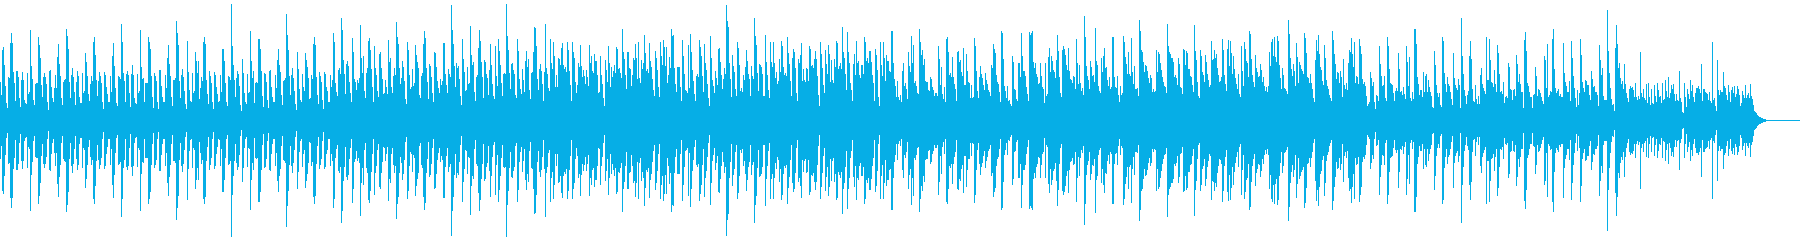 ピアノとマリンバのミニマルミュージックの再生済みの波形